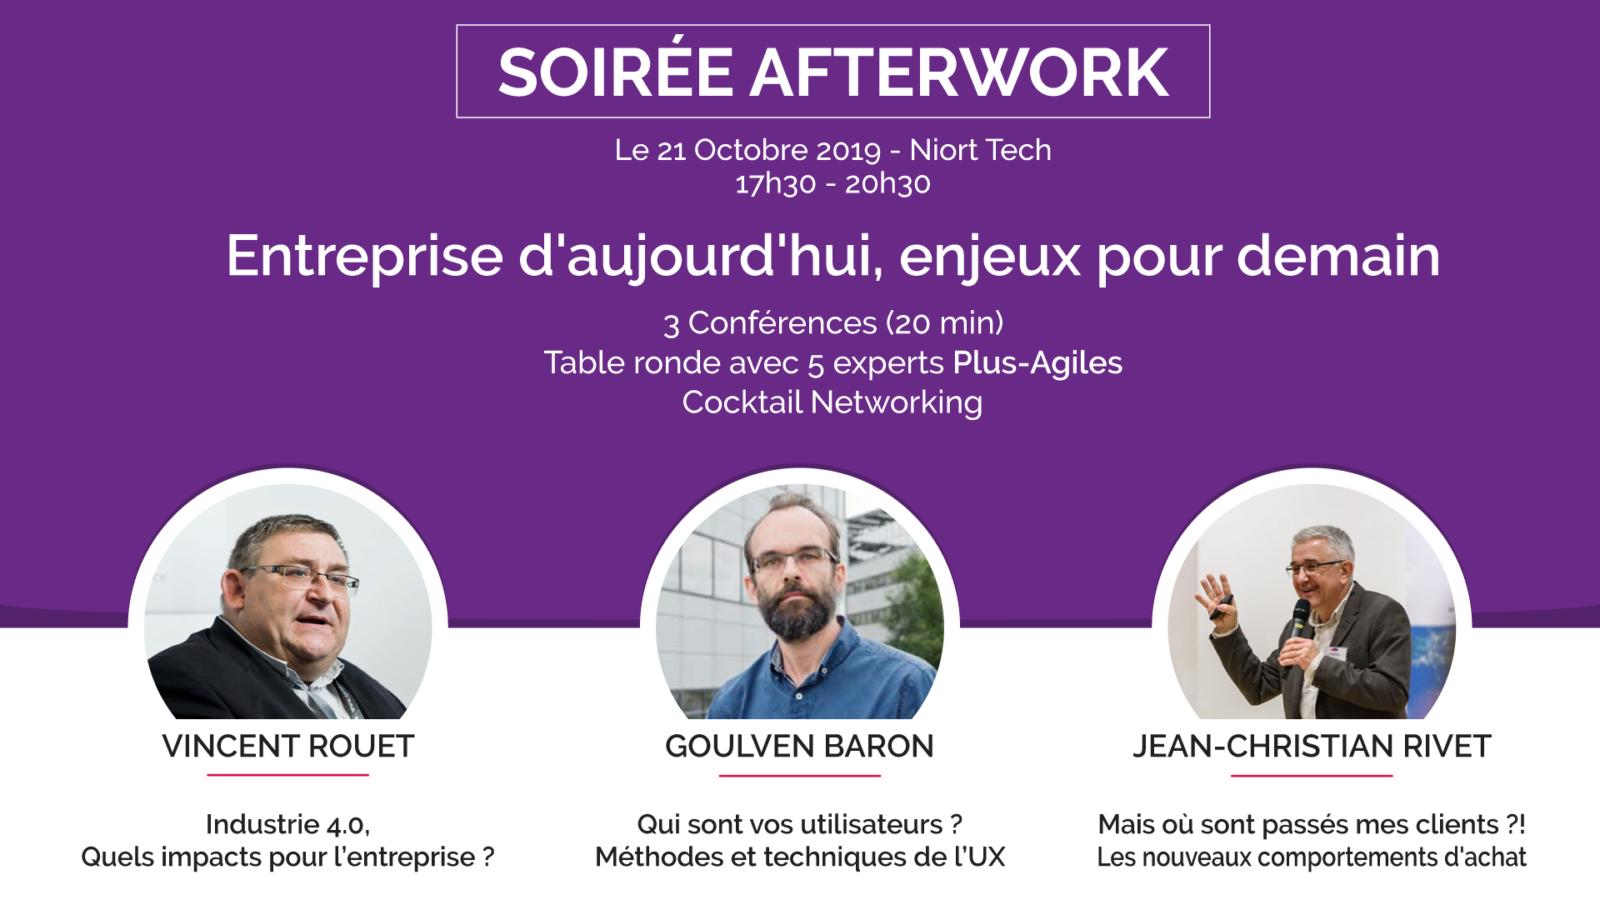 Plus agiles 4h pro event - Entreprise d'aujourd'hui enjeux pour demain - conférences et table ronde à Niort le 21 octobre 2019